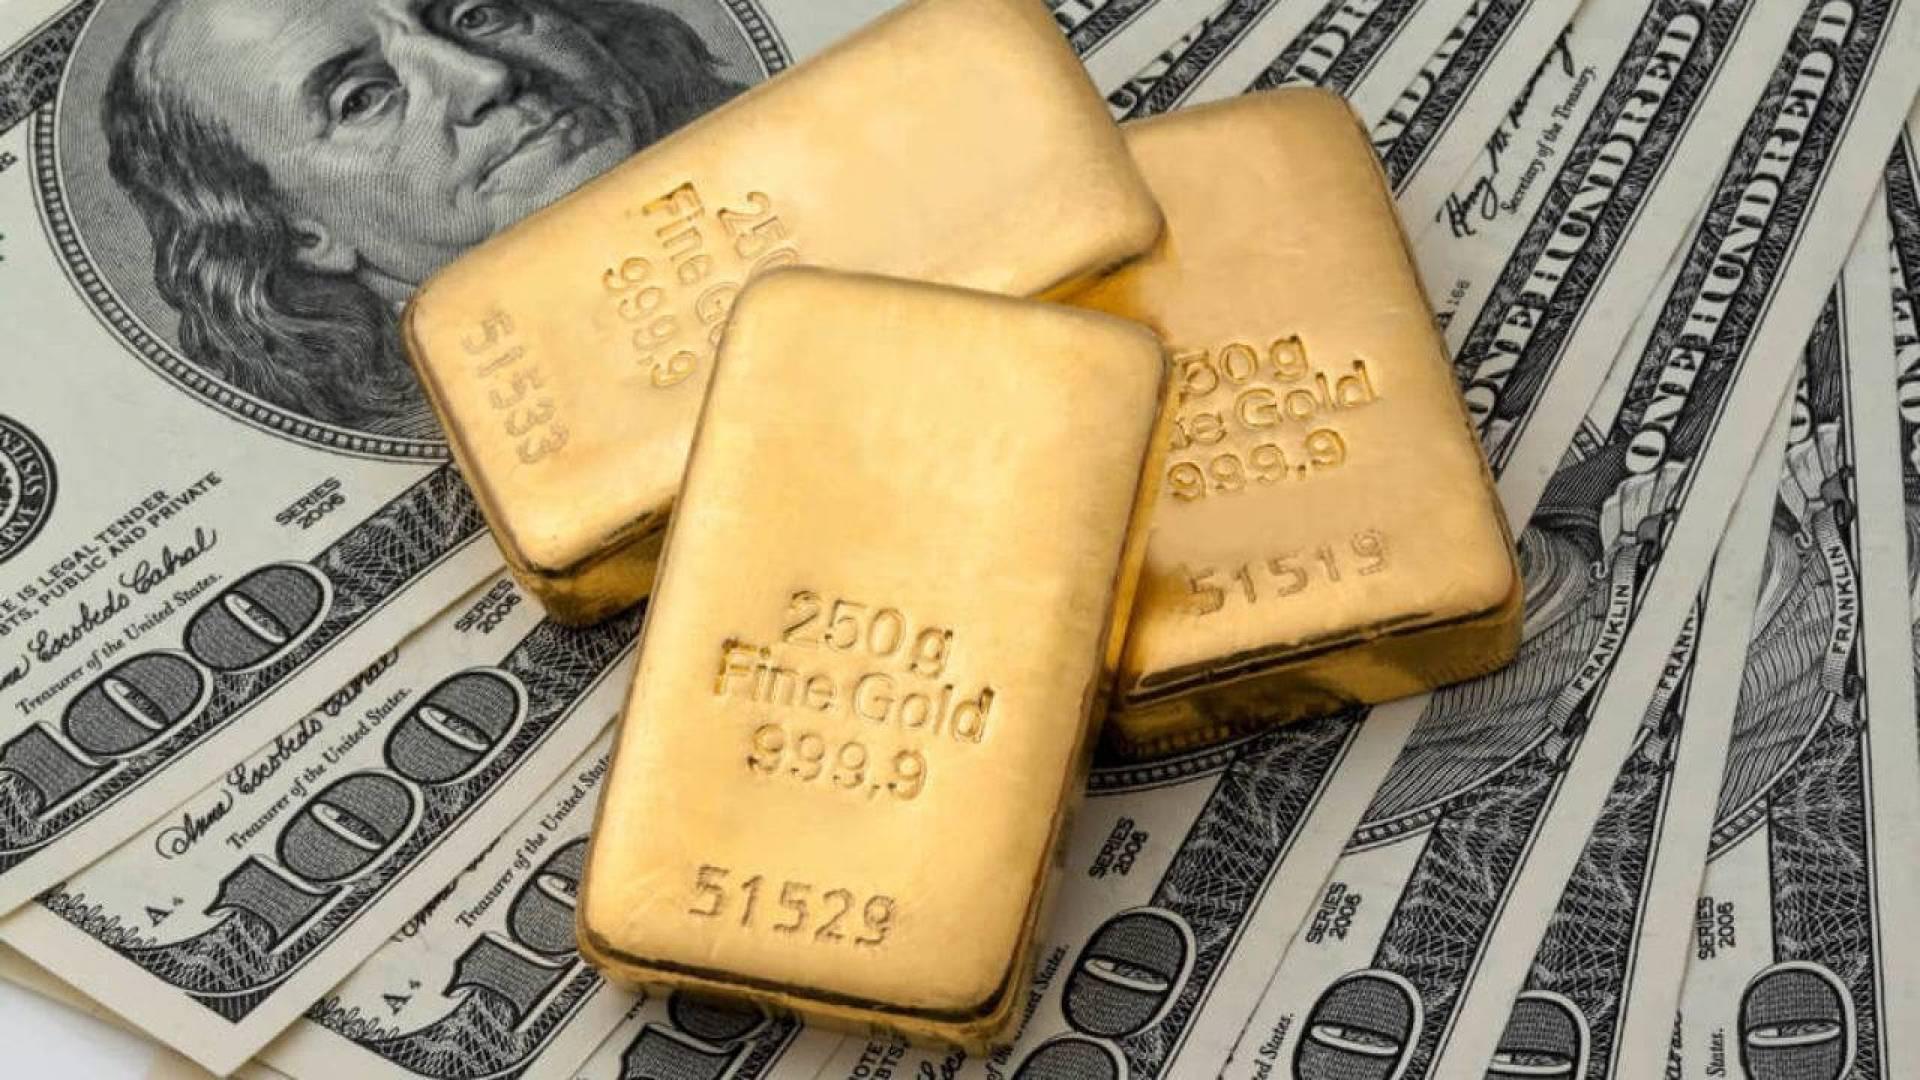 الذهب يتراجع مع صعود الأسهم.. على الرغم من مخاوف كورونا